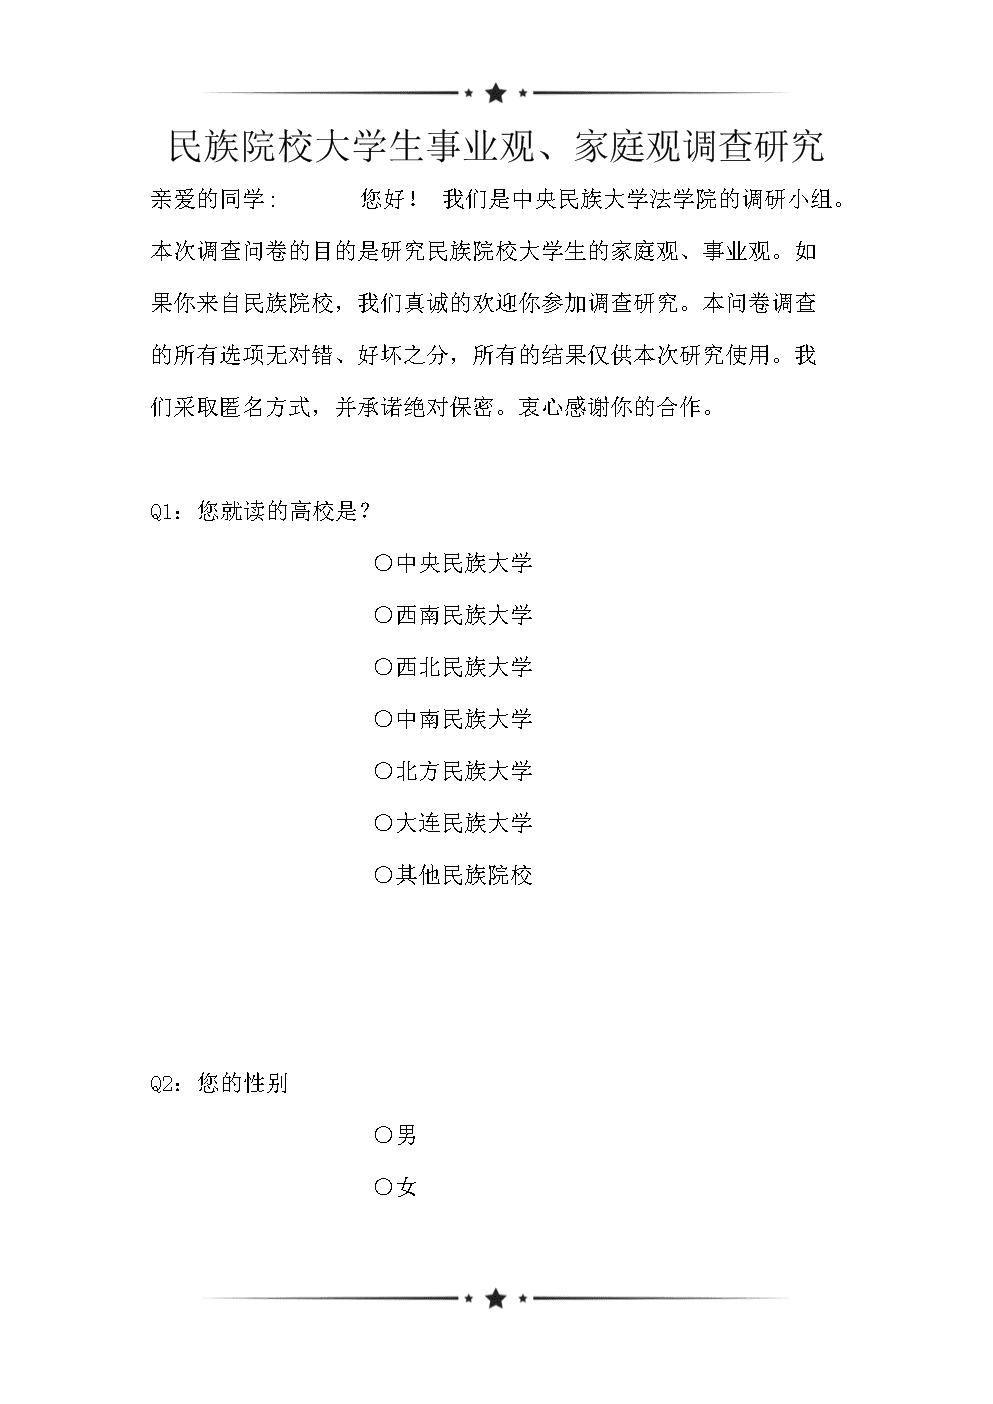 民族院校大学生事业观、家庭观调查研究(可编辑).doc